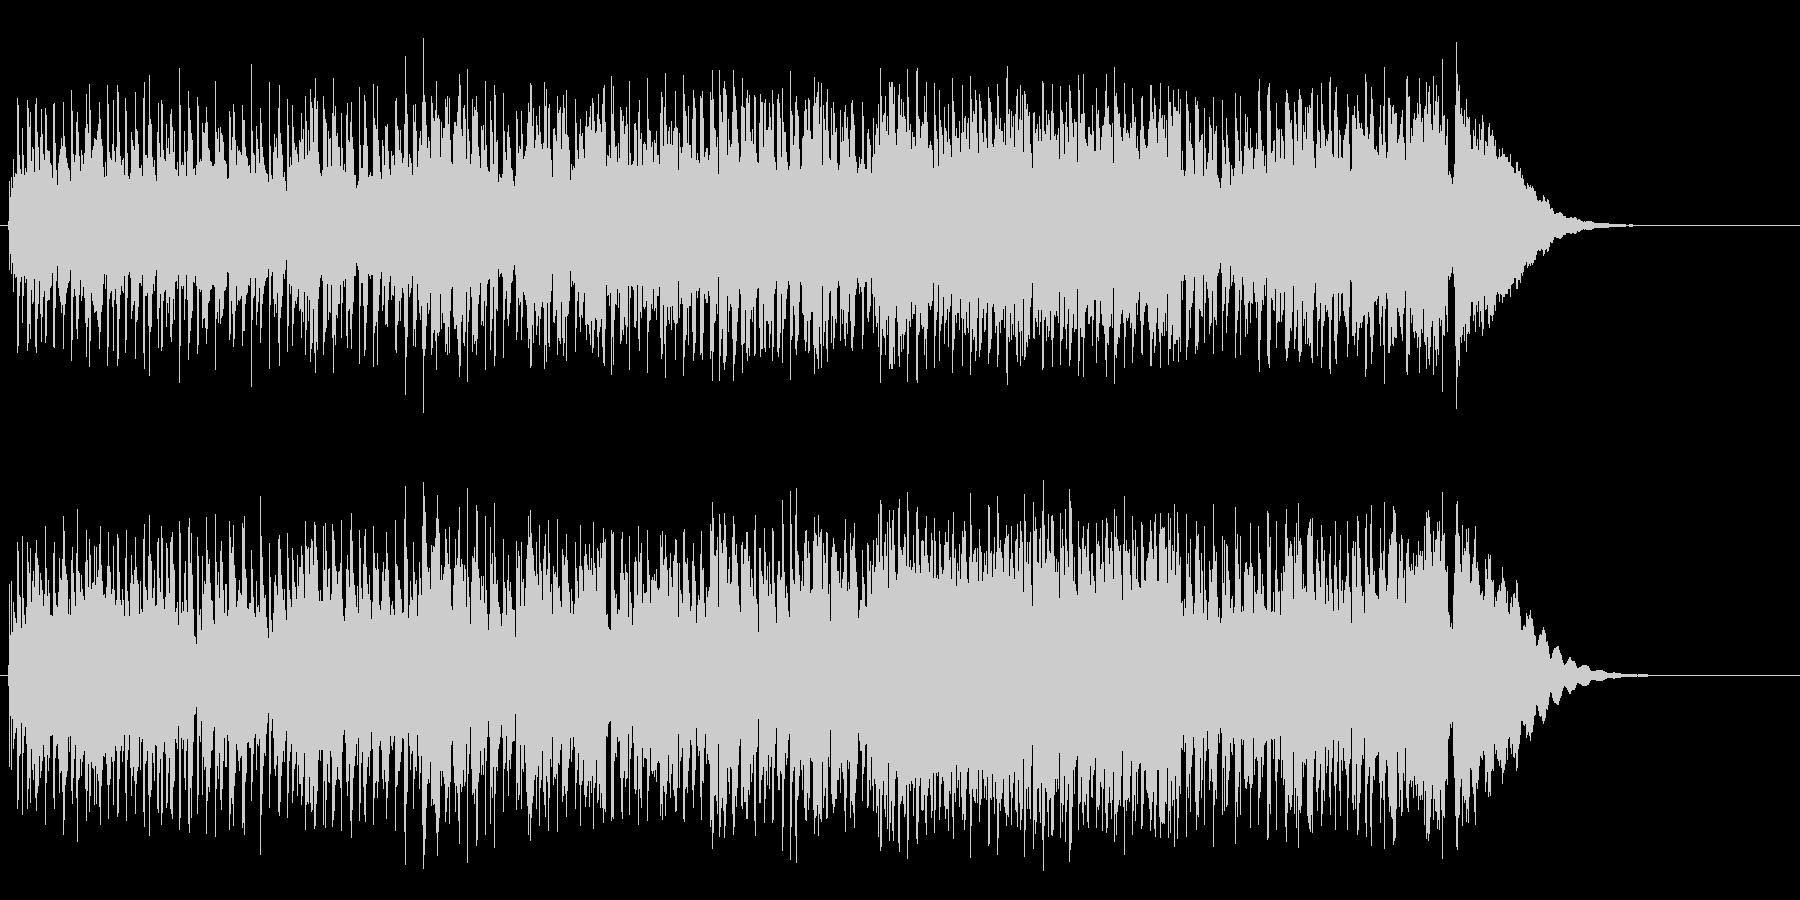 ウキウキのオールド・ロック・ロールの未再生の波形